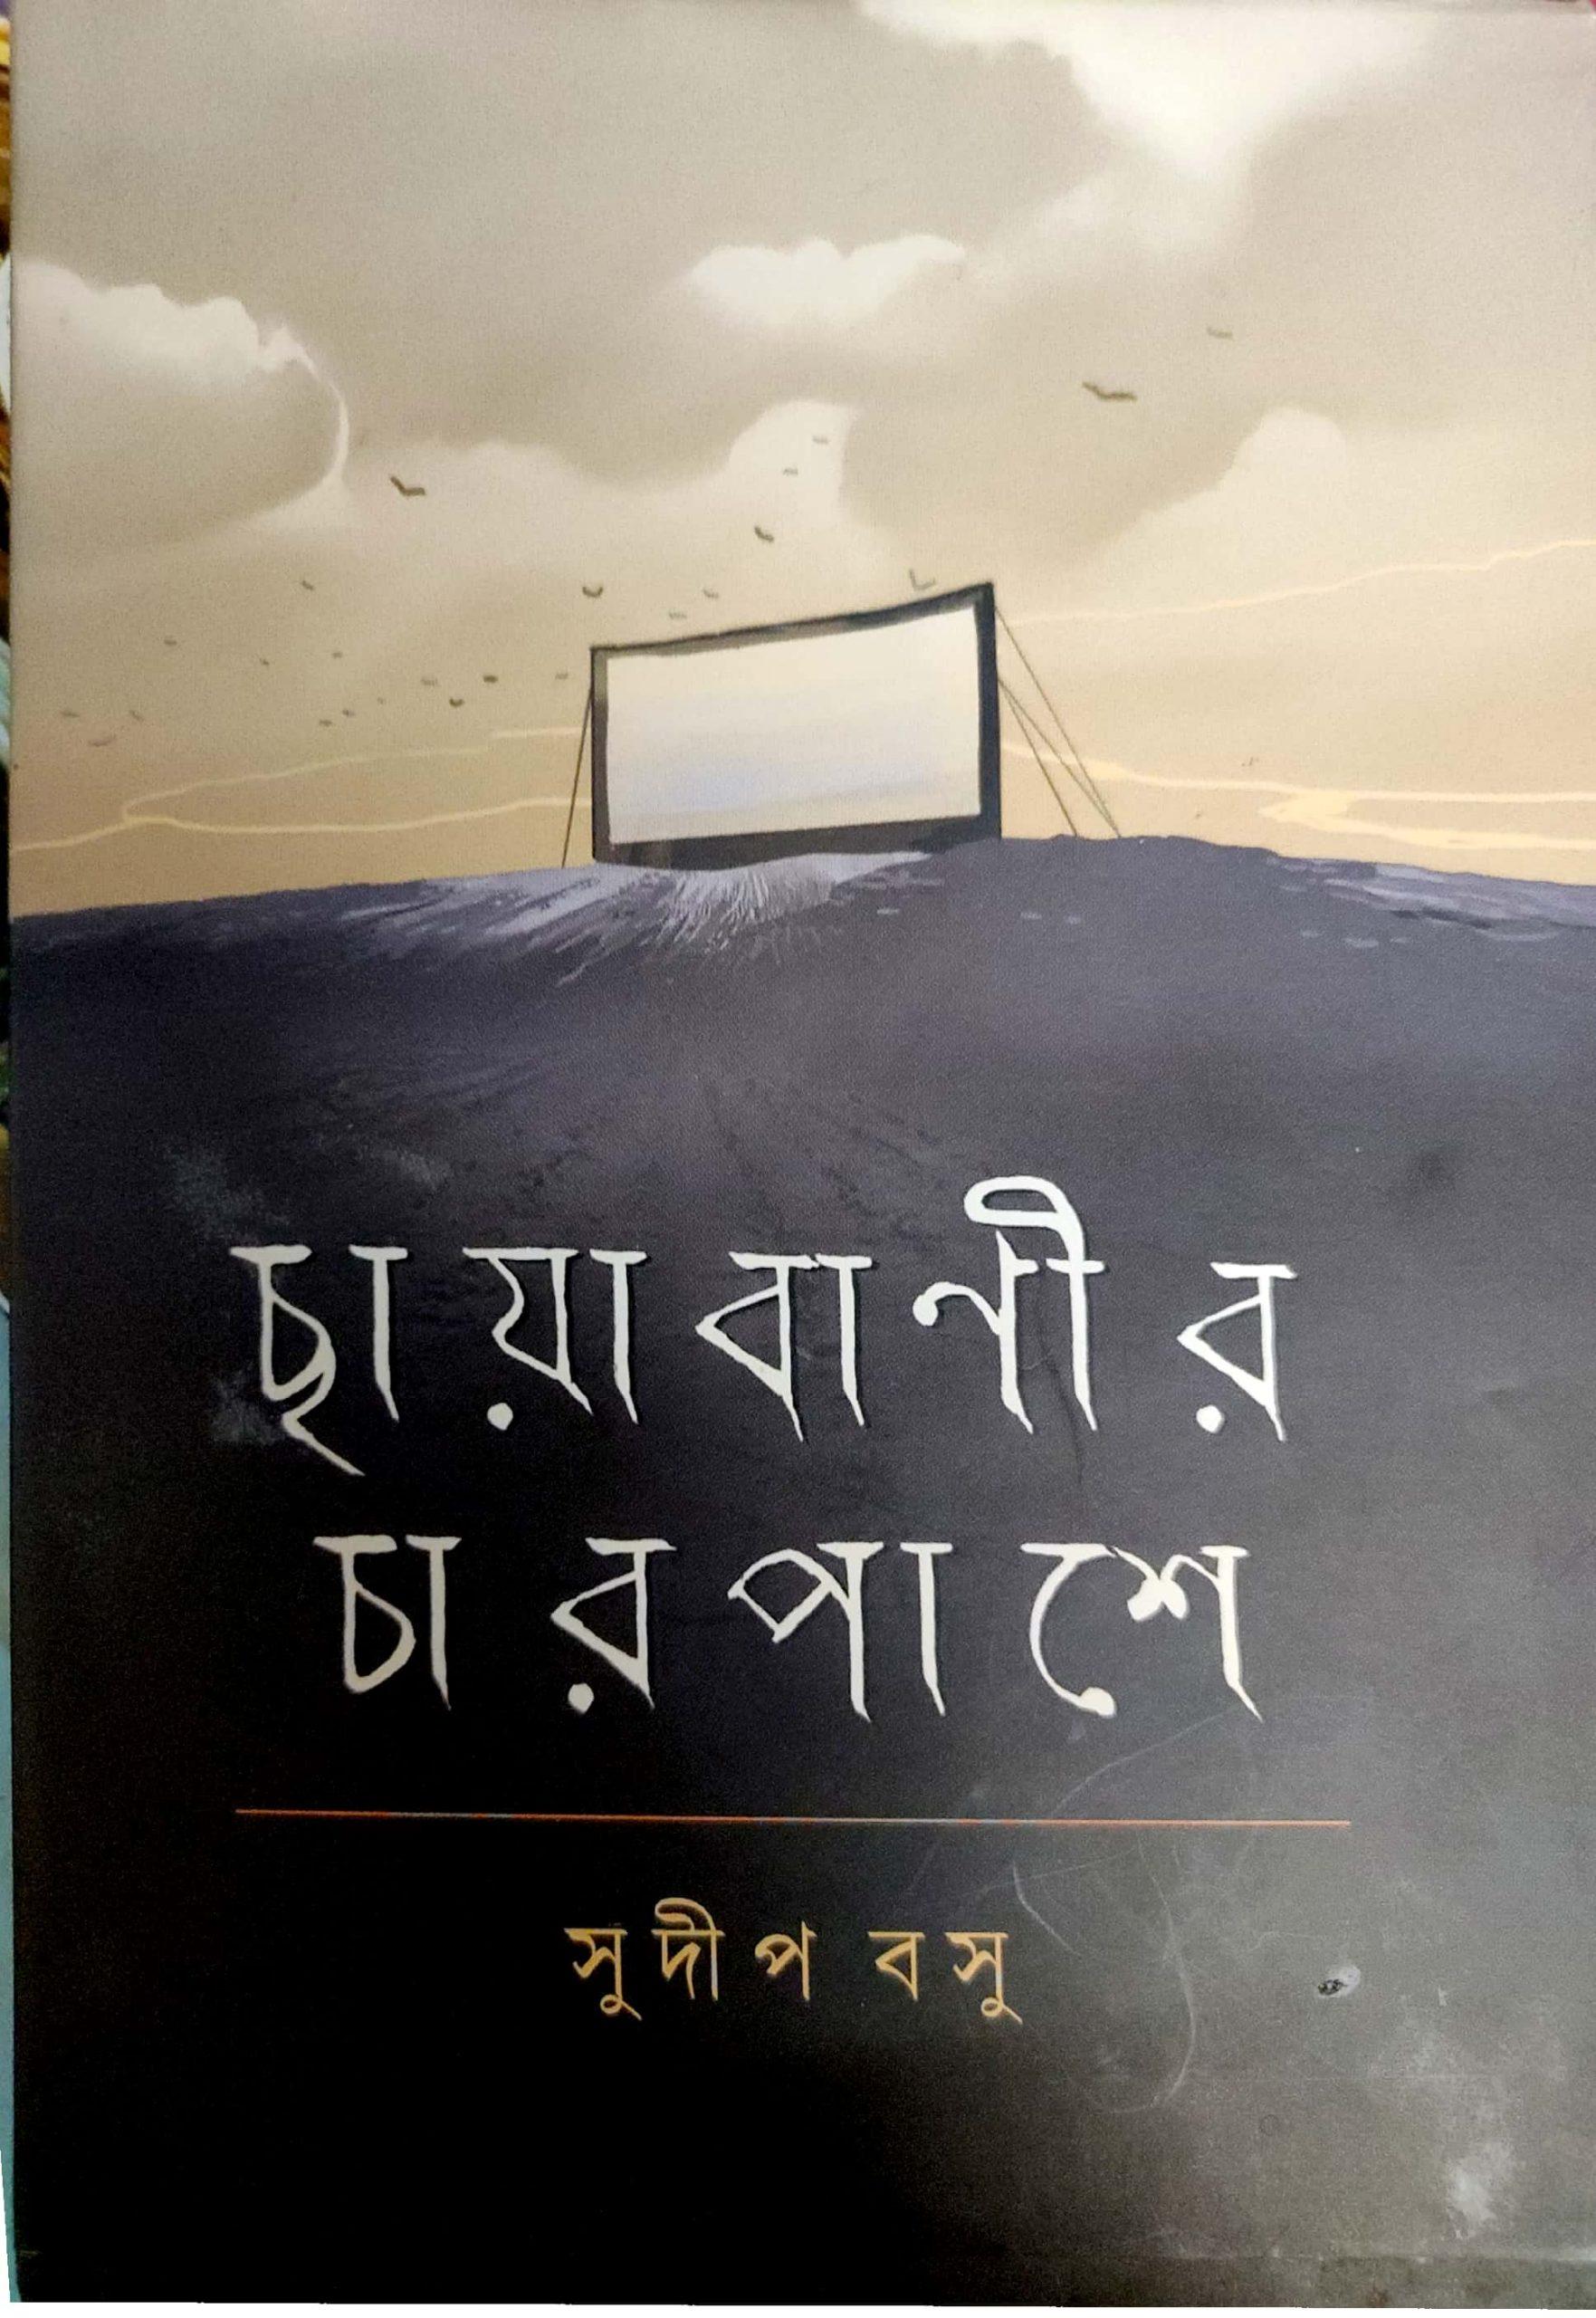 বাস্তব-অধিবাস্তব-পরাবাস্তবের কুহকী ইশারায় সুদীপ বসুর গল্পগ্রন্থ 'ছায়াবাণীর চারপাশে' <br /> > হিন্দোল ভট্টাচার্য